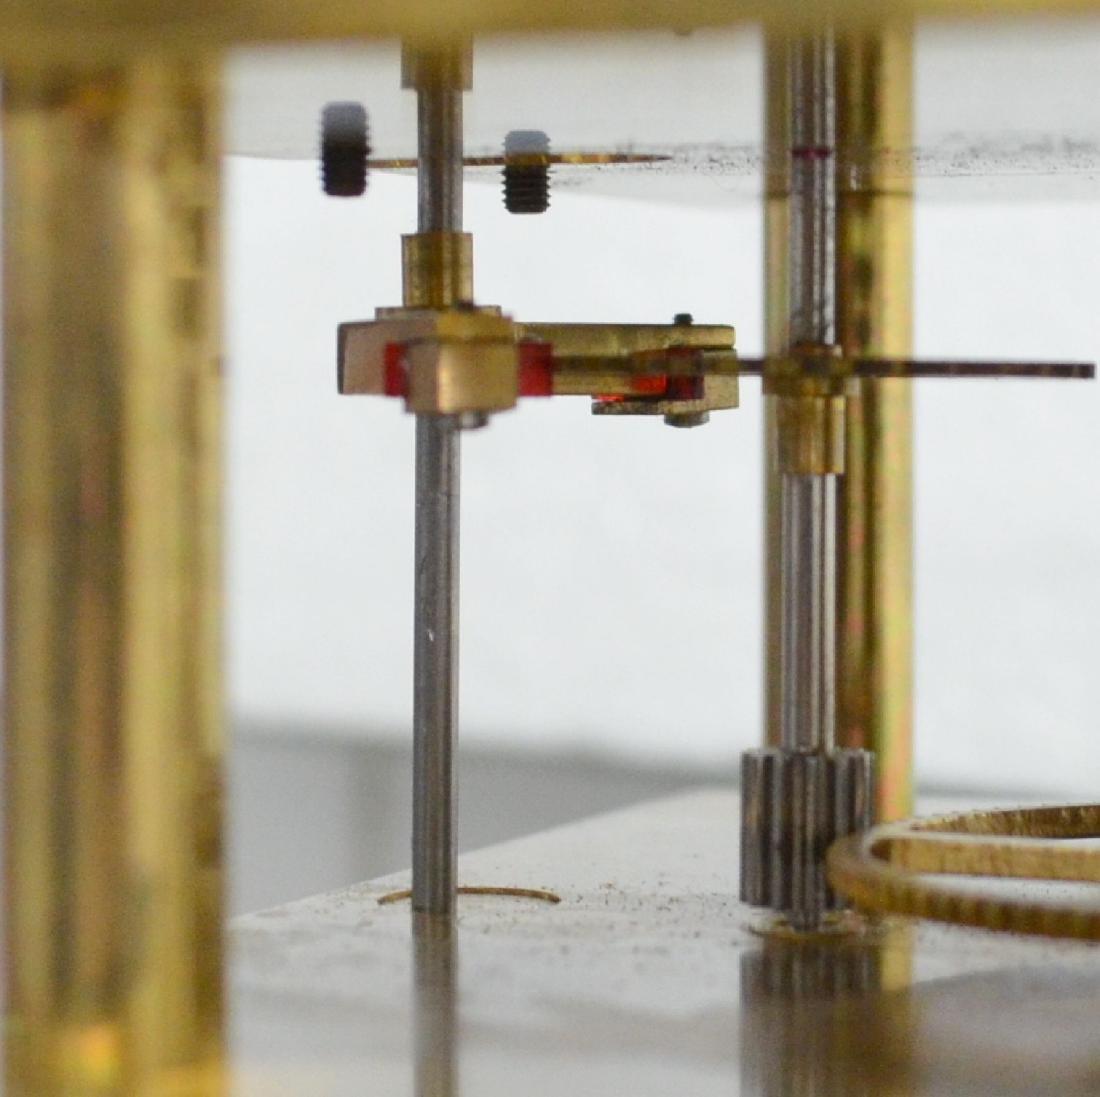 BILLERBECK/NIENABER No. 06 precision pendulum clock - 6